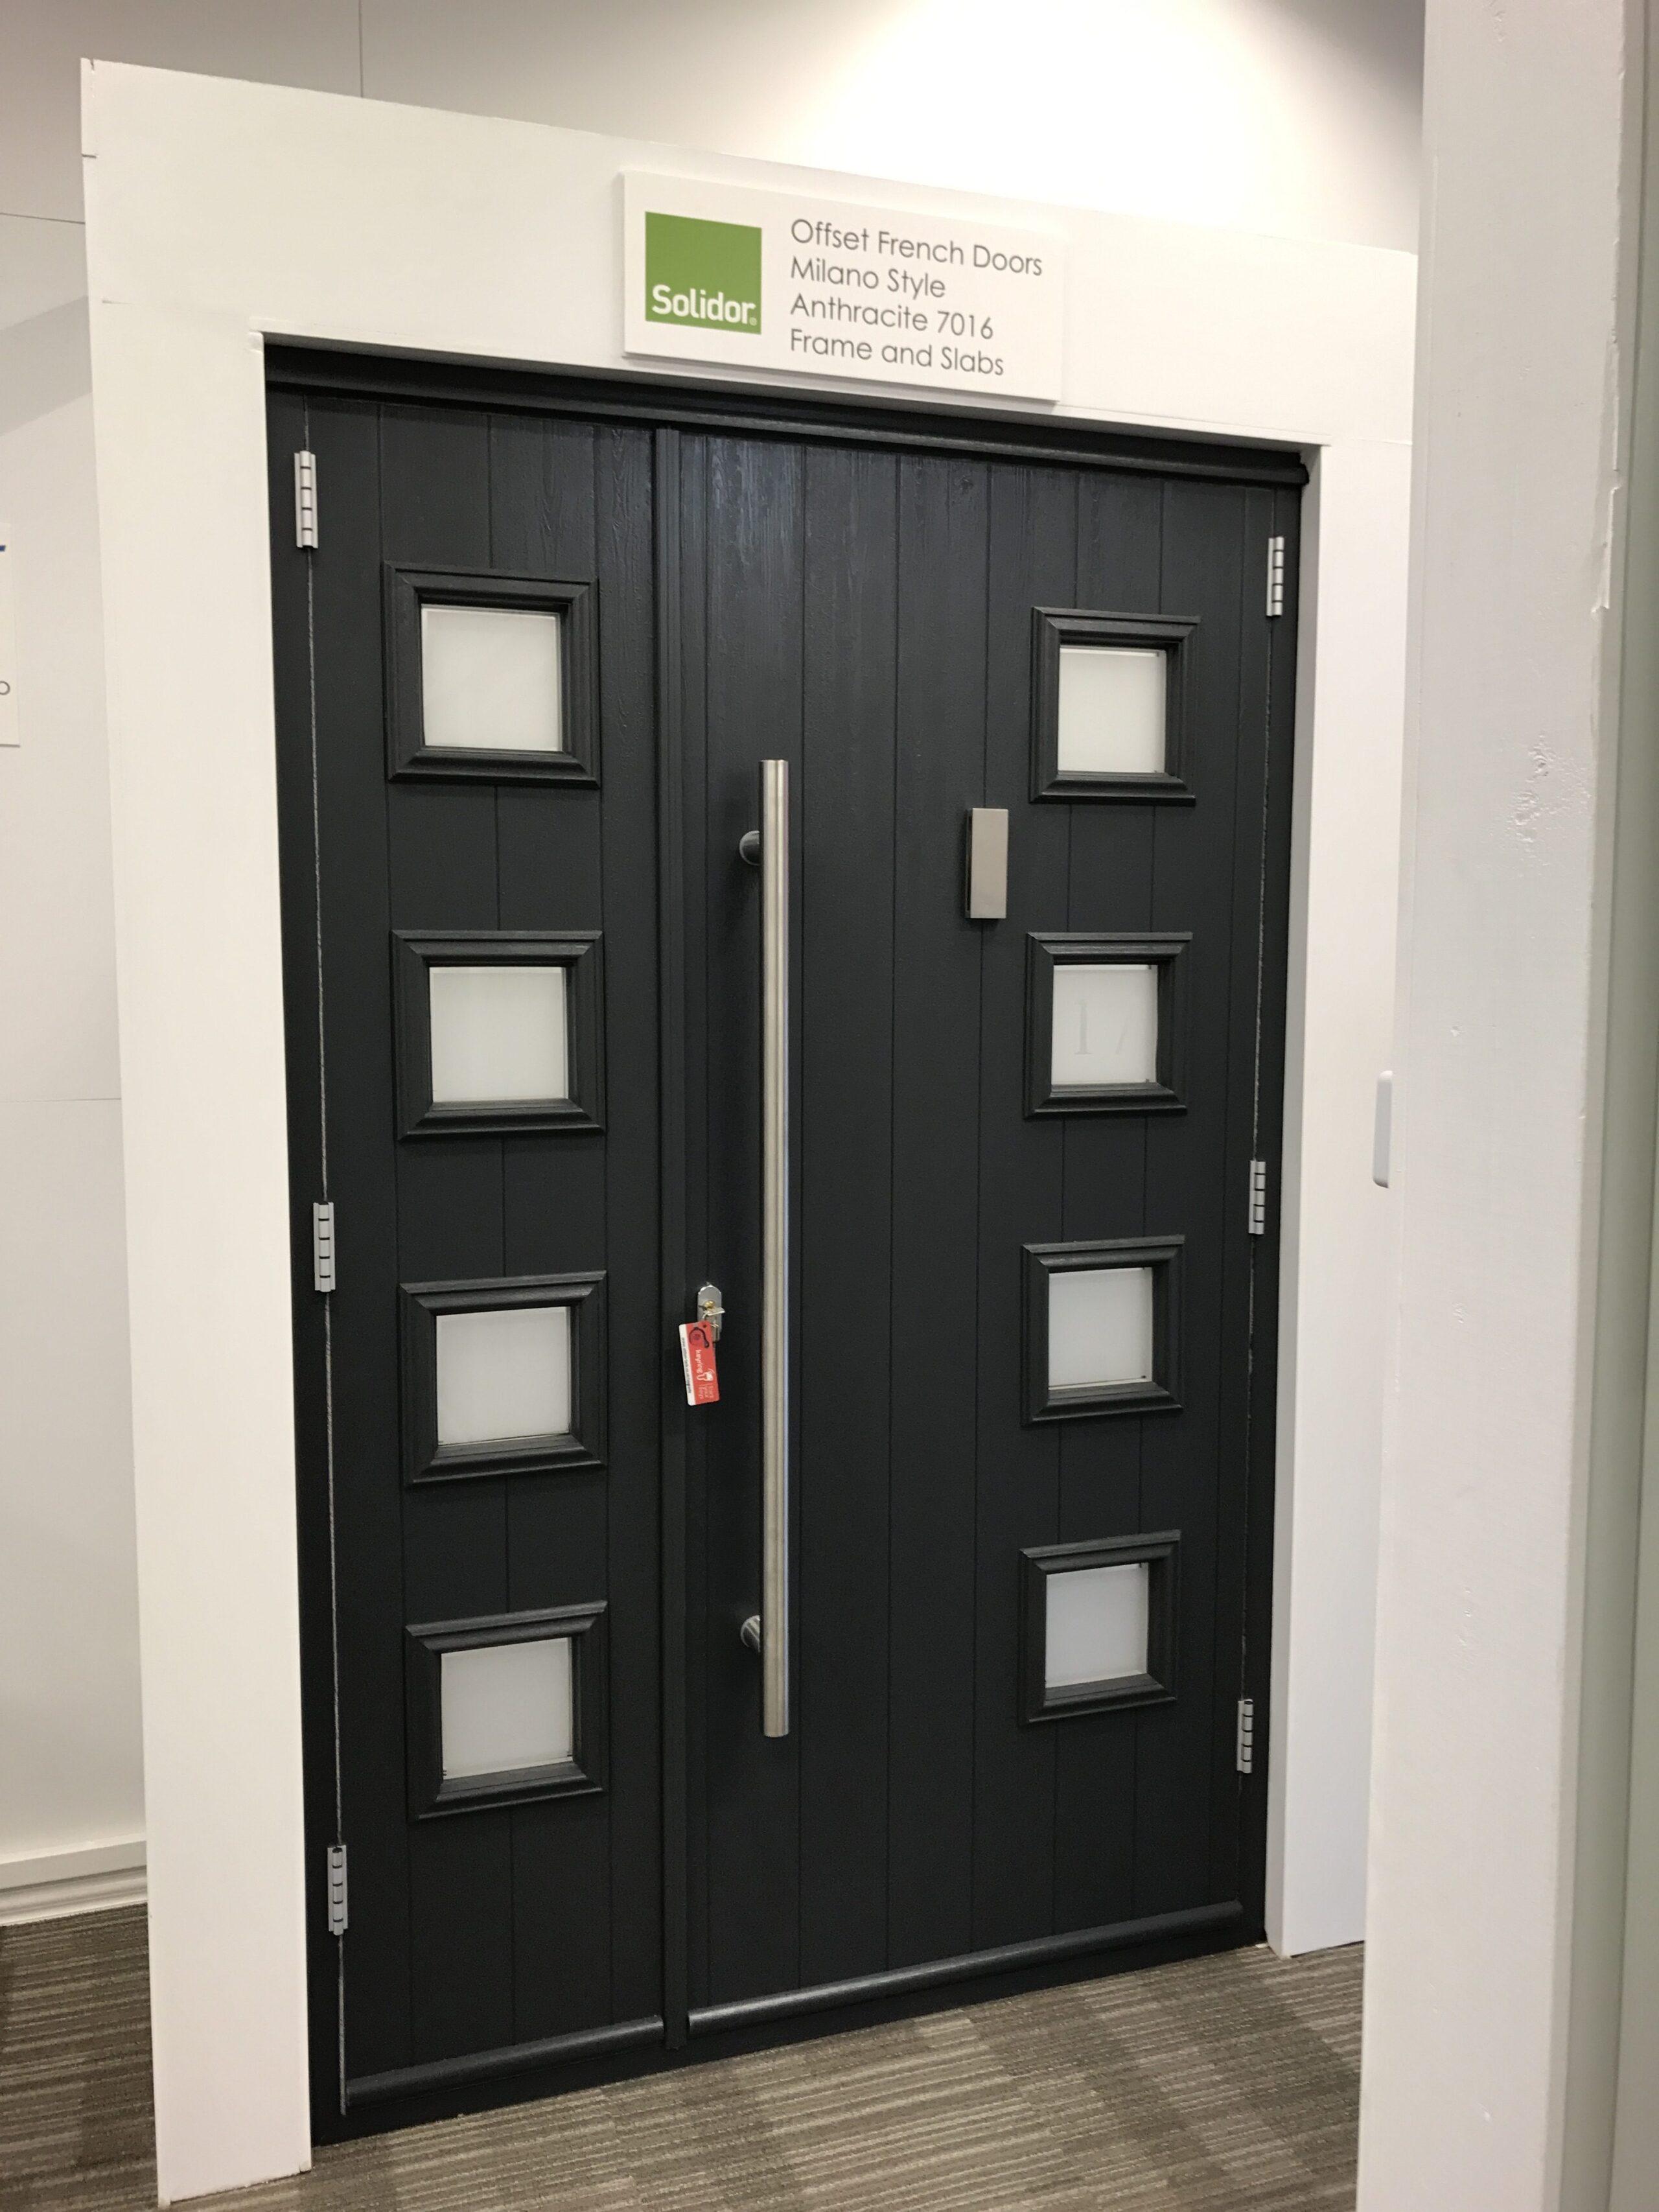 & Solidor French Door Offset | TWS Plastics